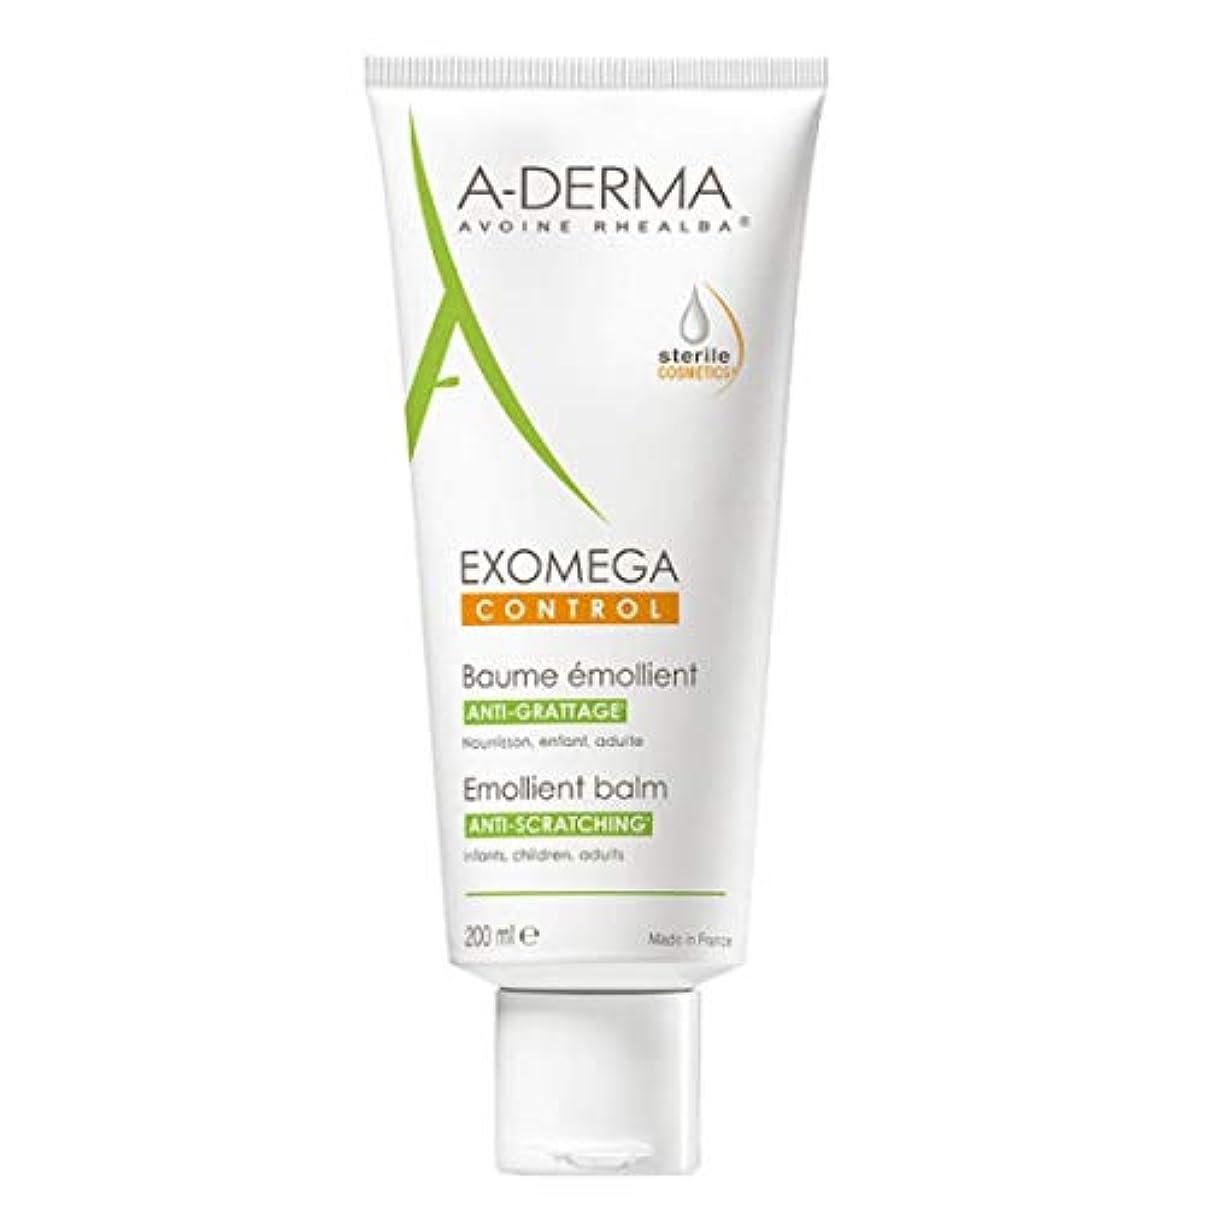 アベニュー動揺させる本質的にA-derma Exomega Control Emollient Balm 200ml [並行輸入品]